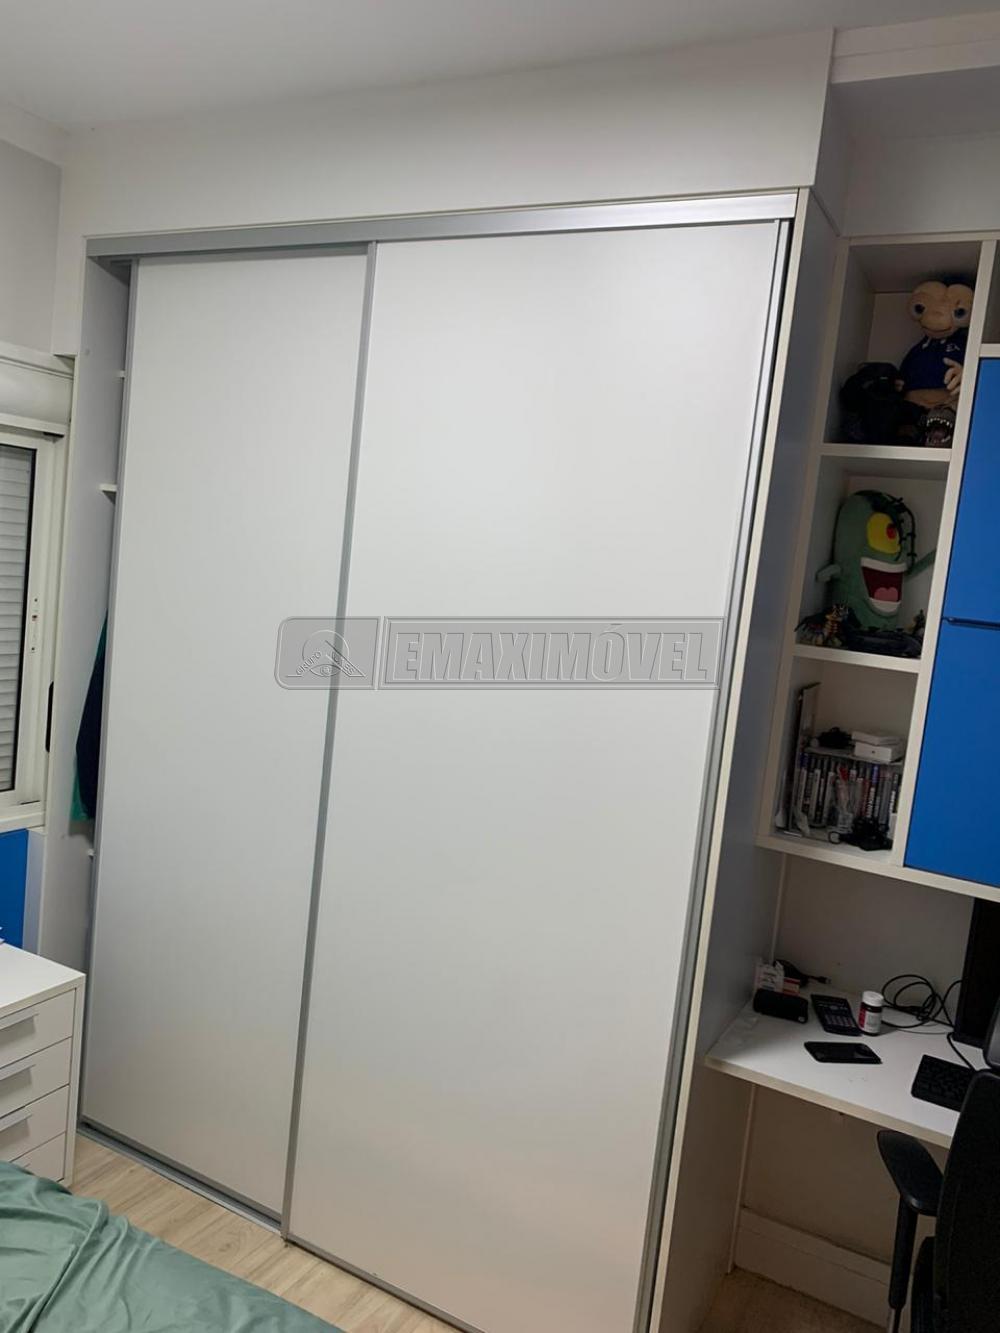 Comprar Apartamentos / Apto Padrão em Sorocaba apenas R$ 2.500.000,00 - Foto 16